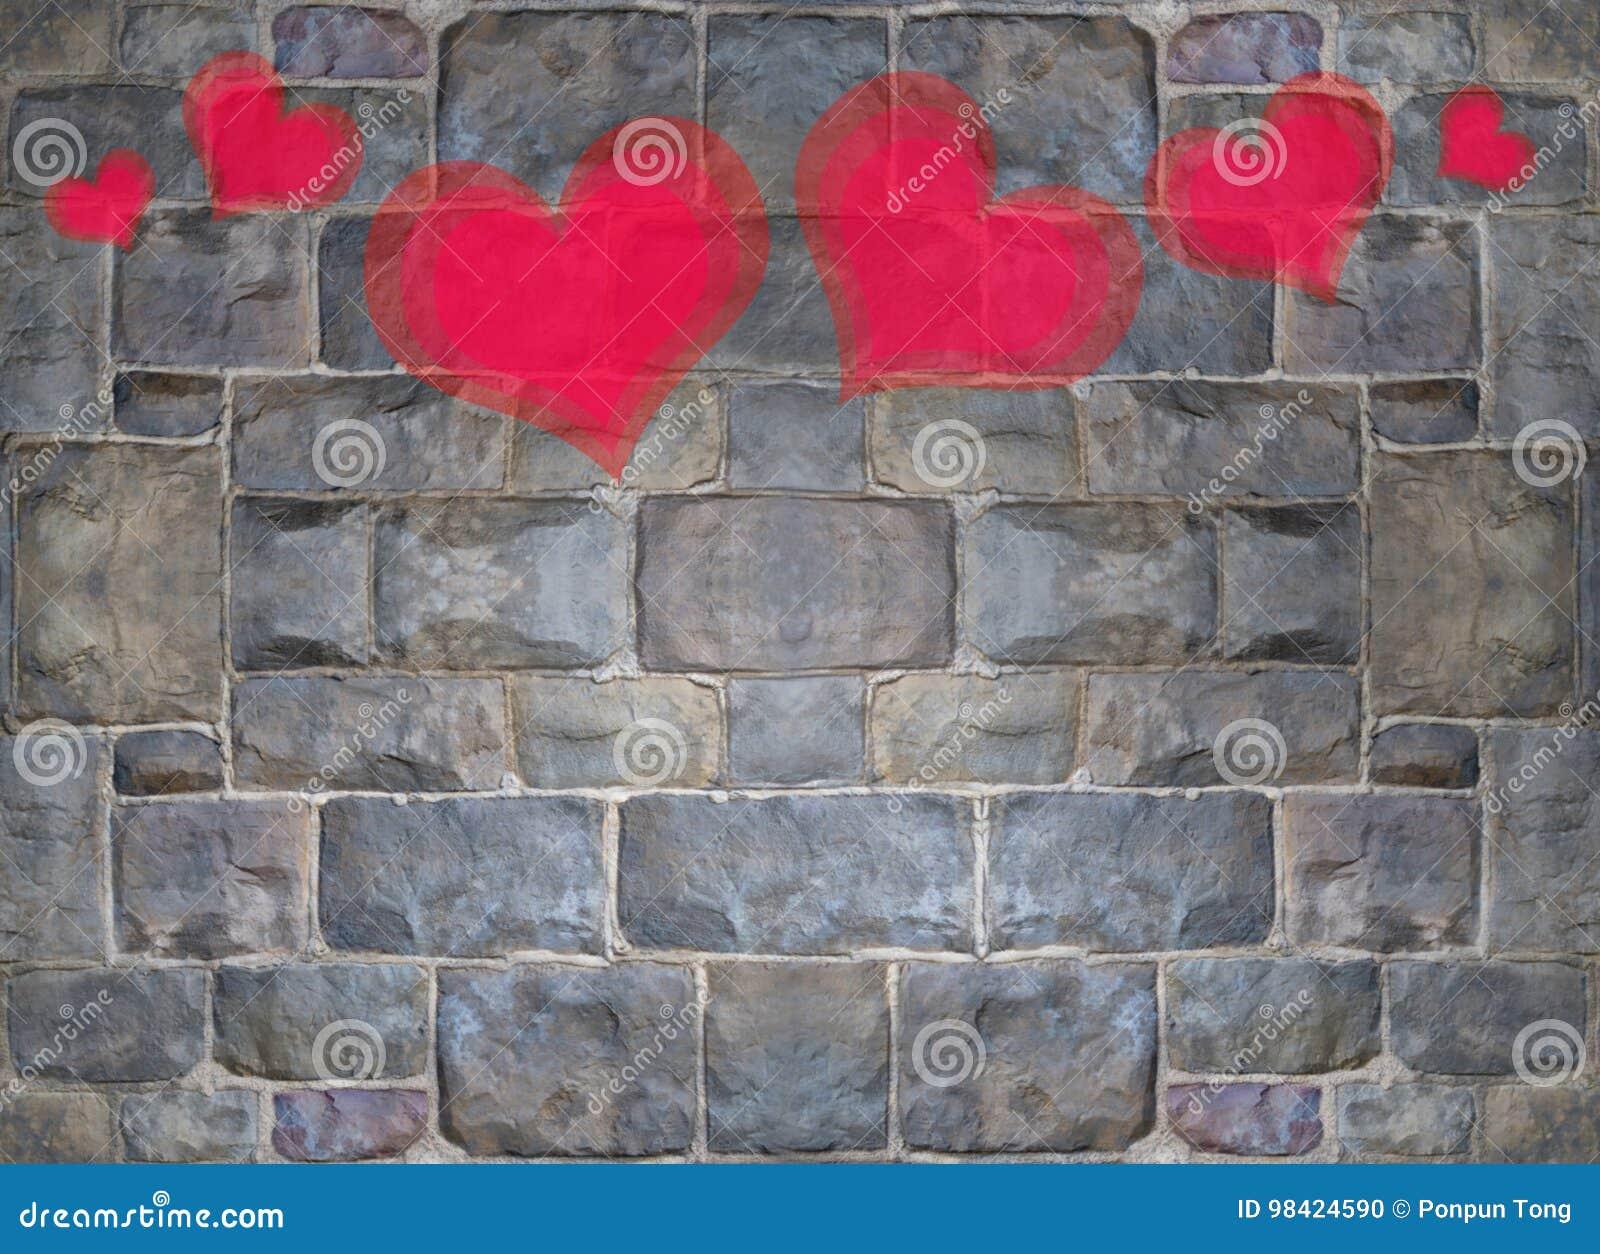 Peinture Rouge Et Rose De Coeur Sur Le Mur De Briques En Pierre Photo stock - Image du rebelle ...